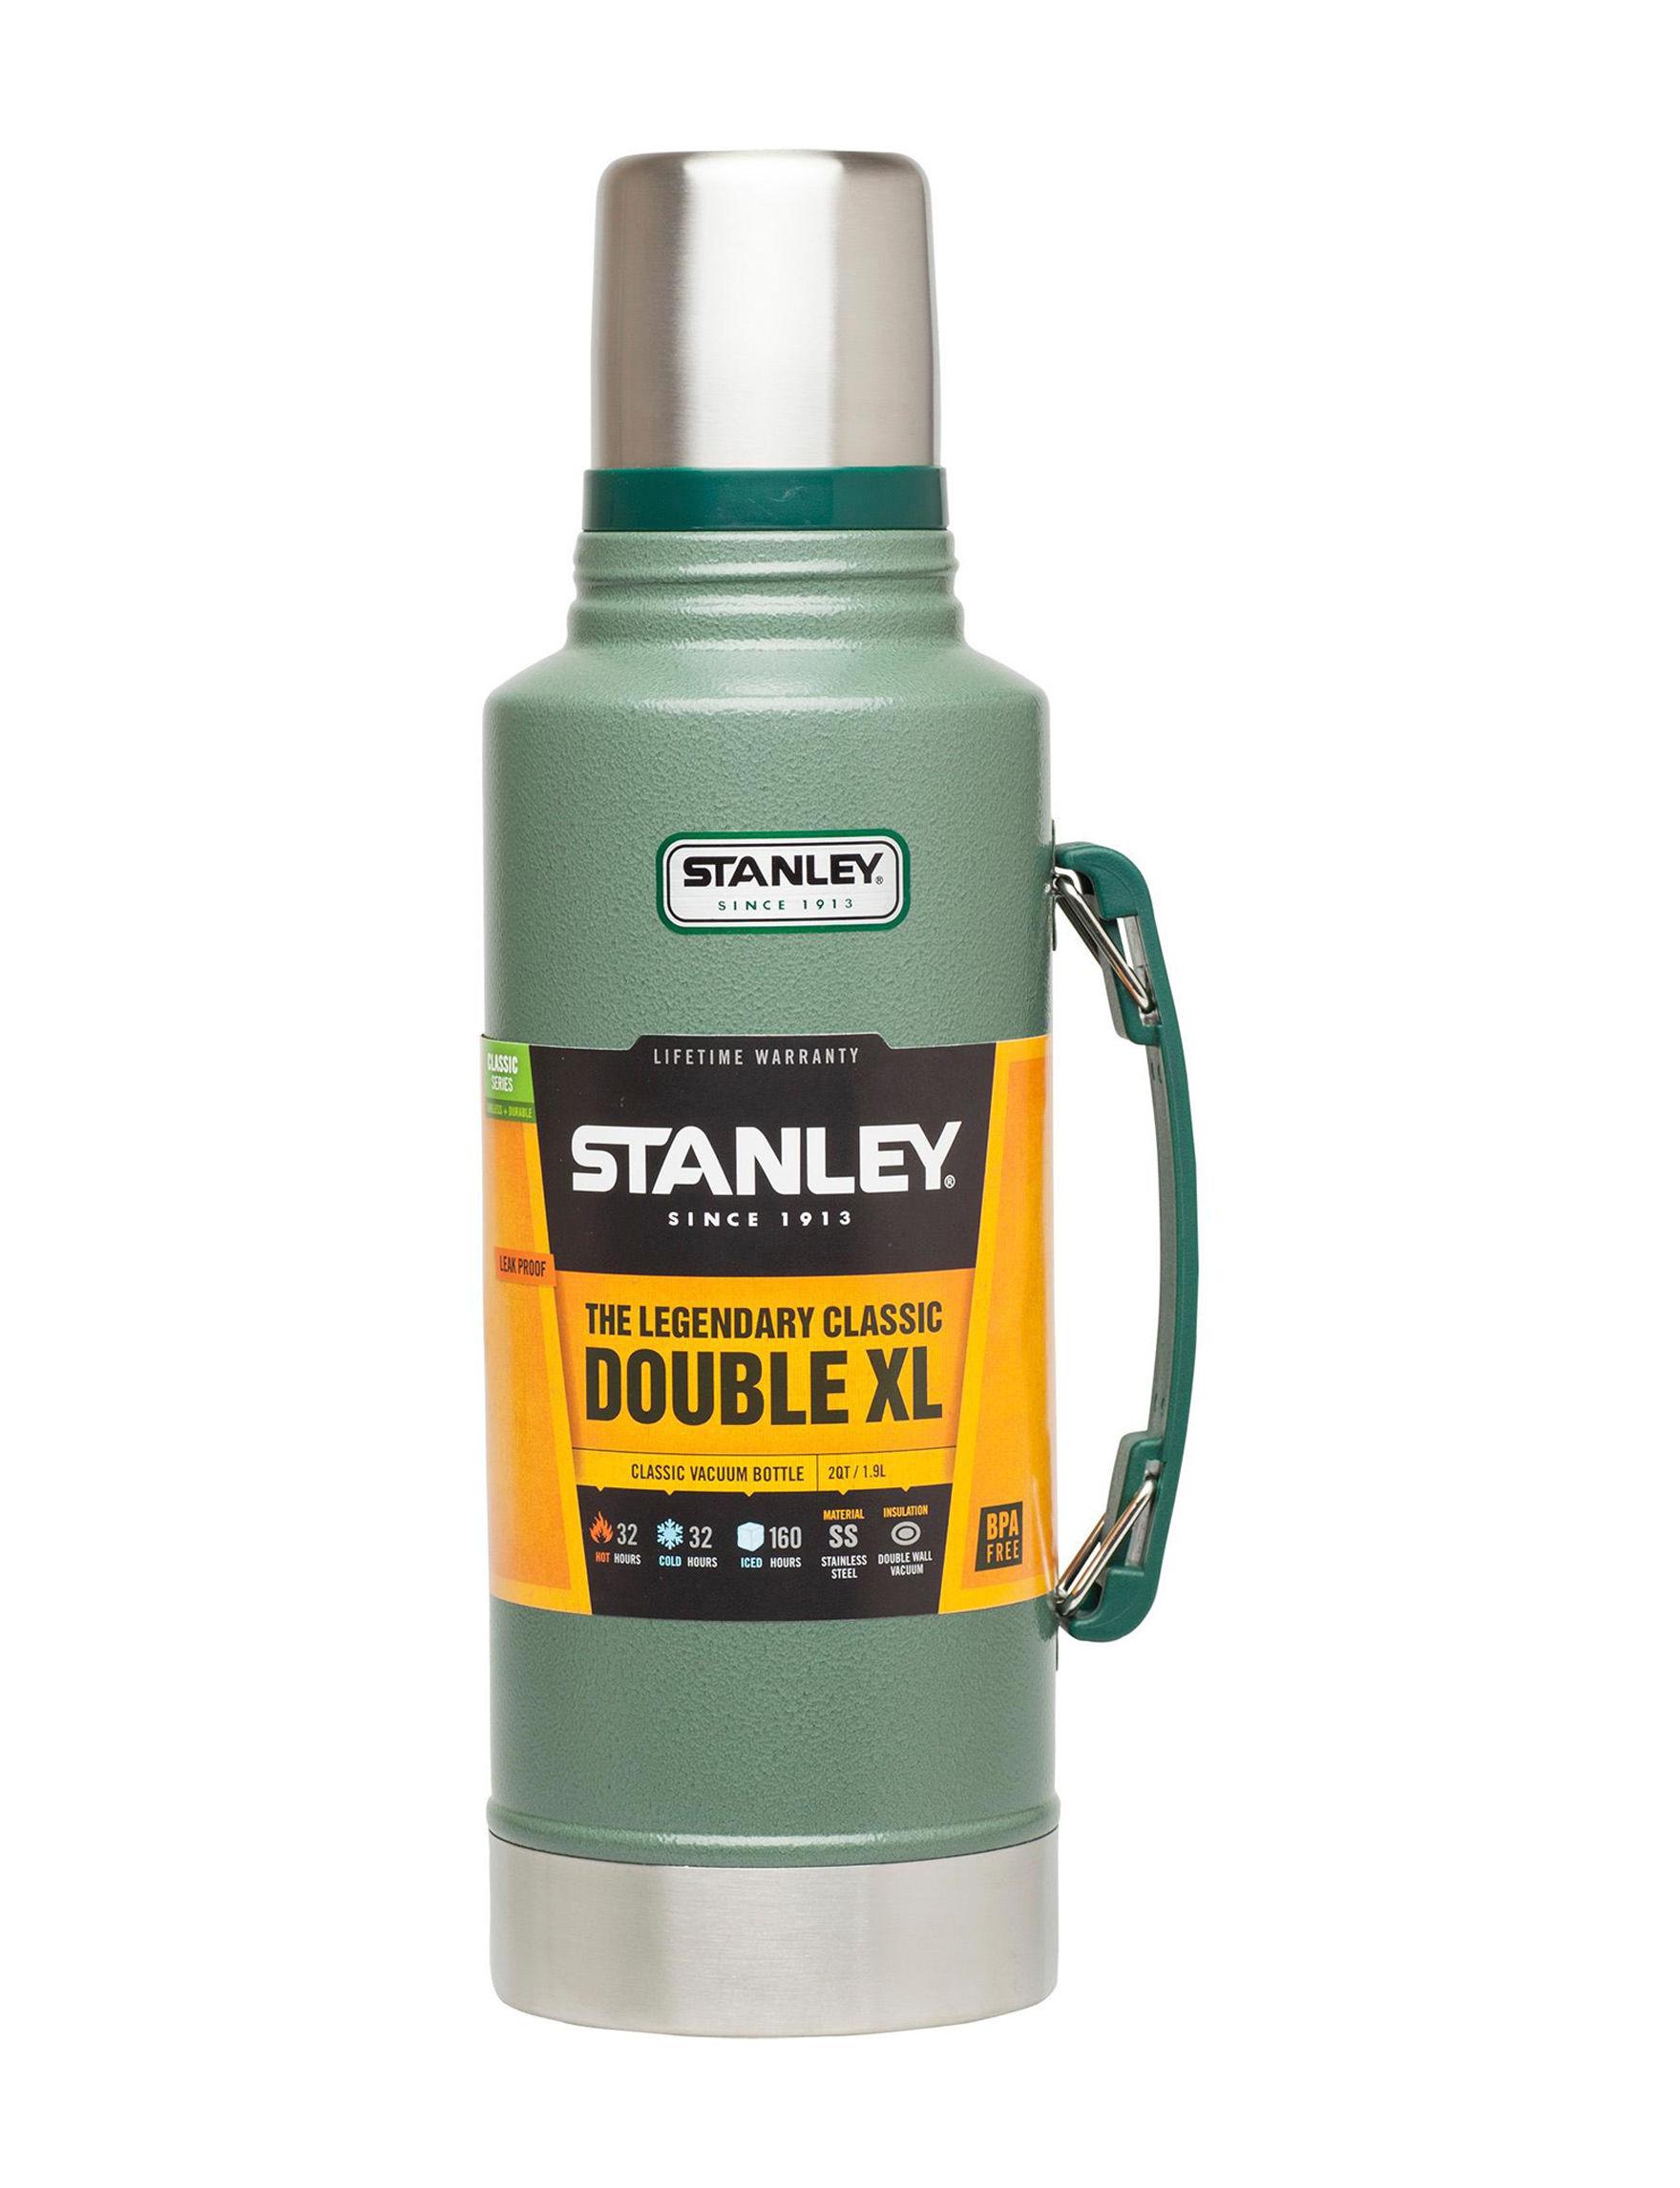 Stanley Green Tumblers Drinkware